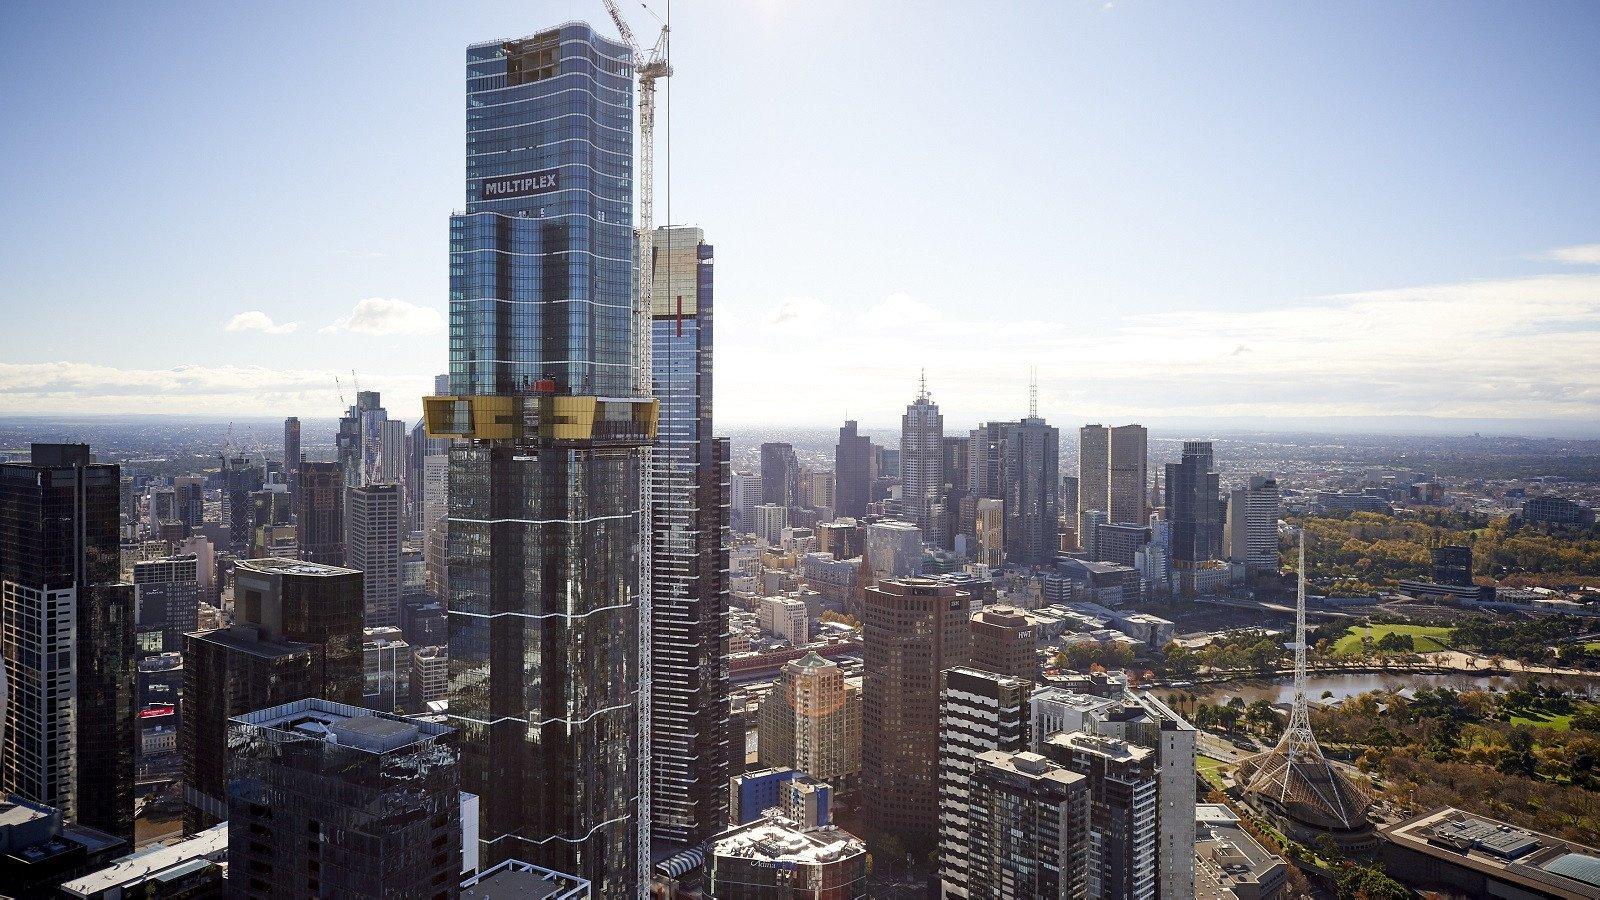 Australia 108 - Sky Rise-image-2